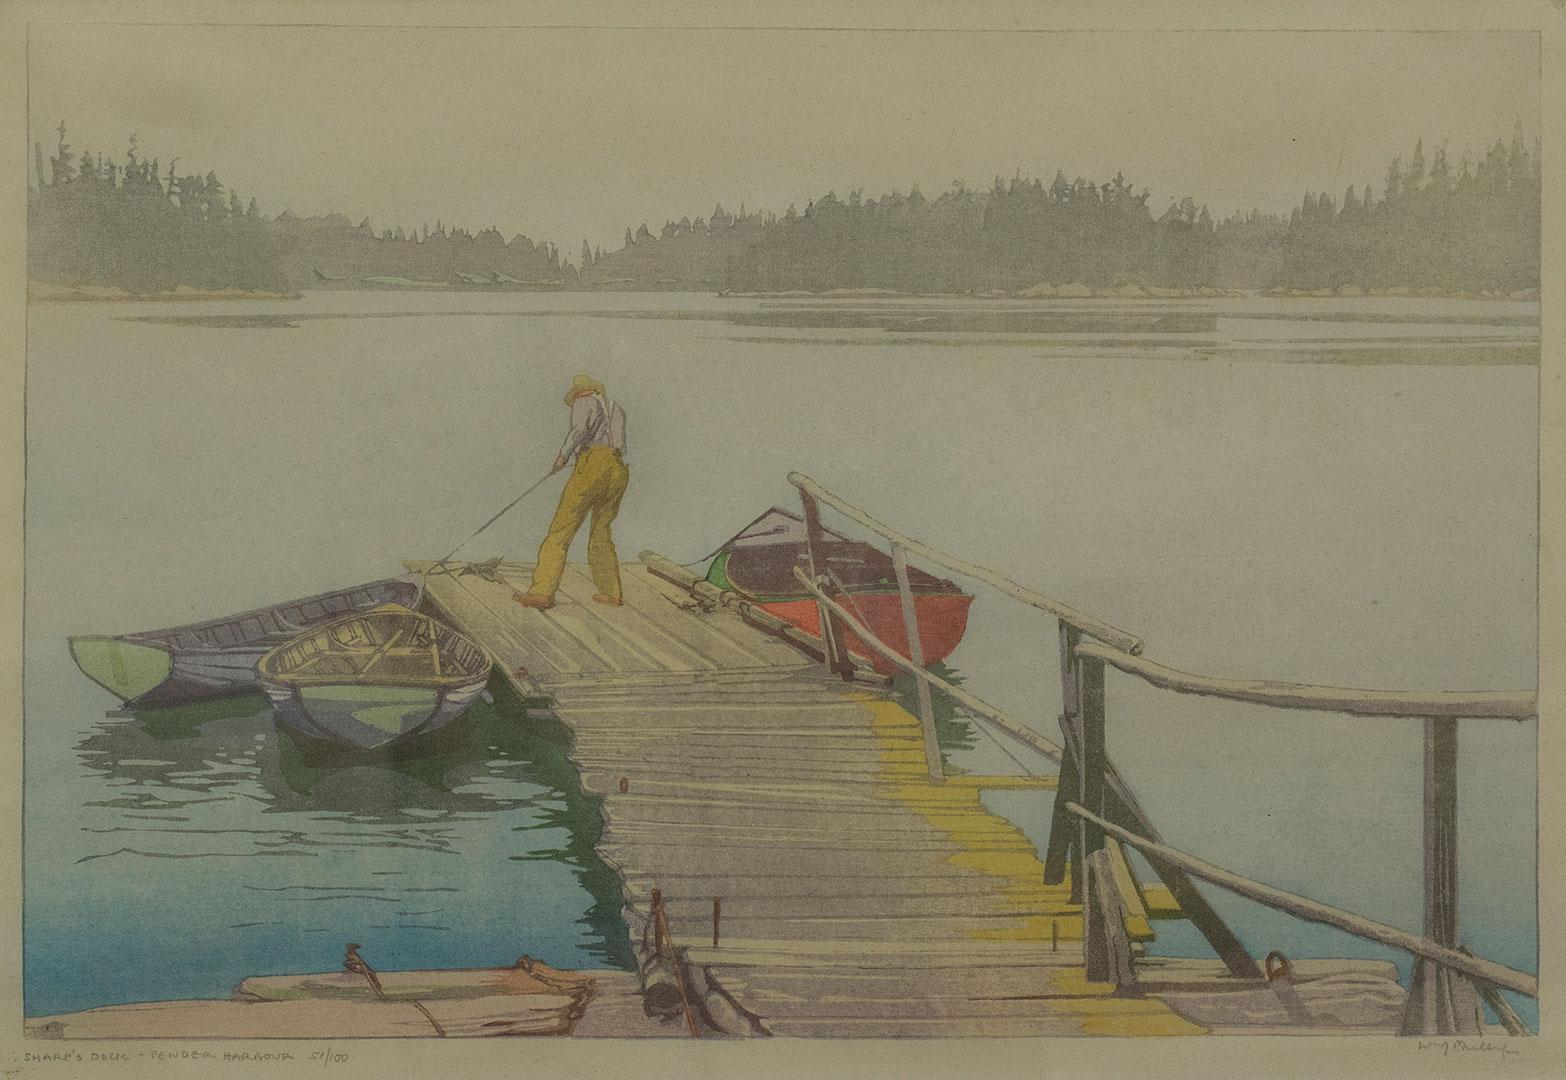 Sharp's dock, Pender Harbor